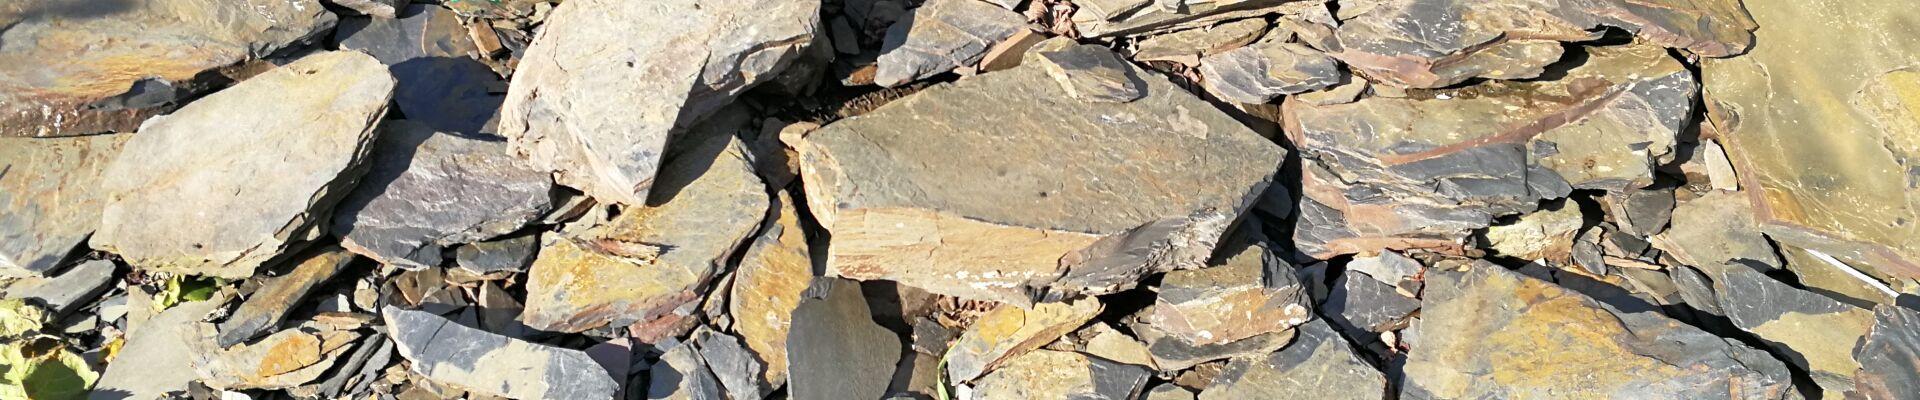 Schiefer - das ist der Boden in dem Reben für Wein aus dem WeinGut Benedict Loosen Erben stehen